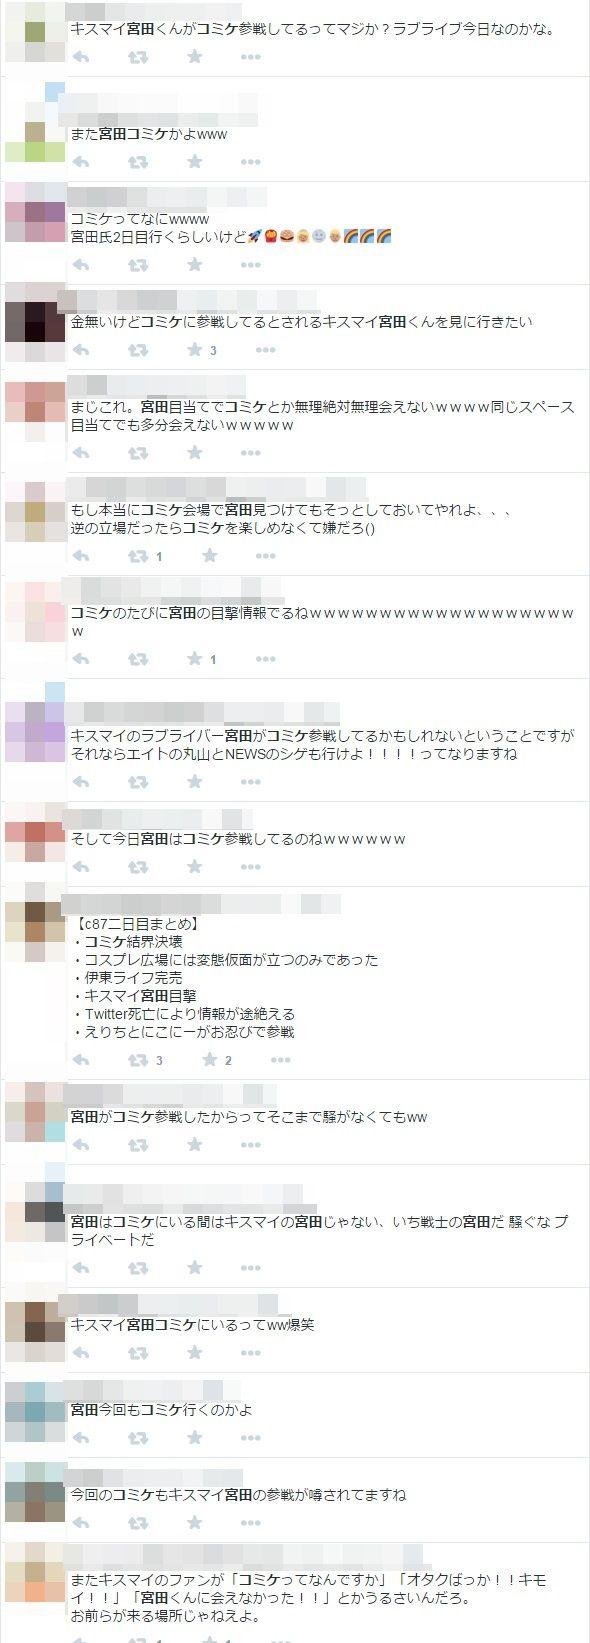 コミックマーケット コミケ 宮田俊哉に関連した画像-02